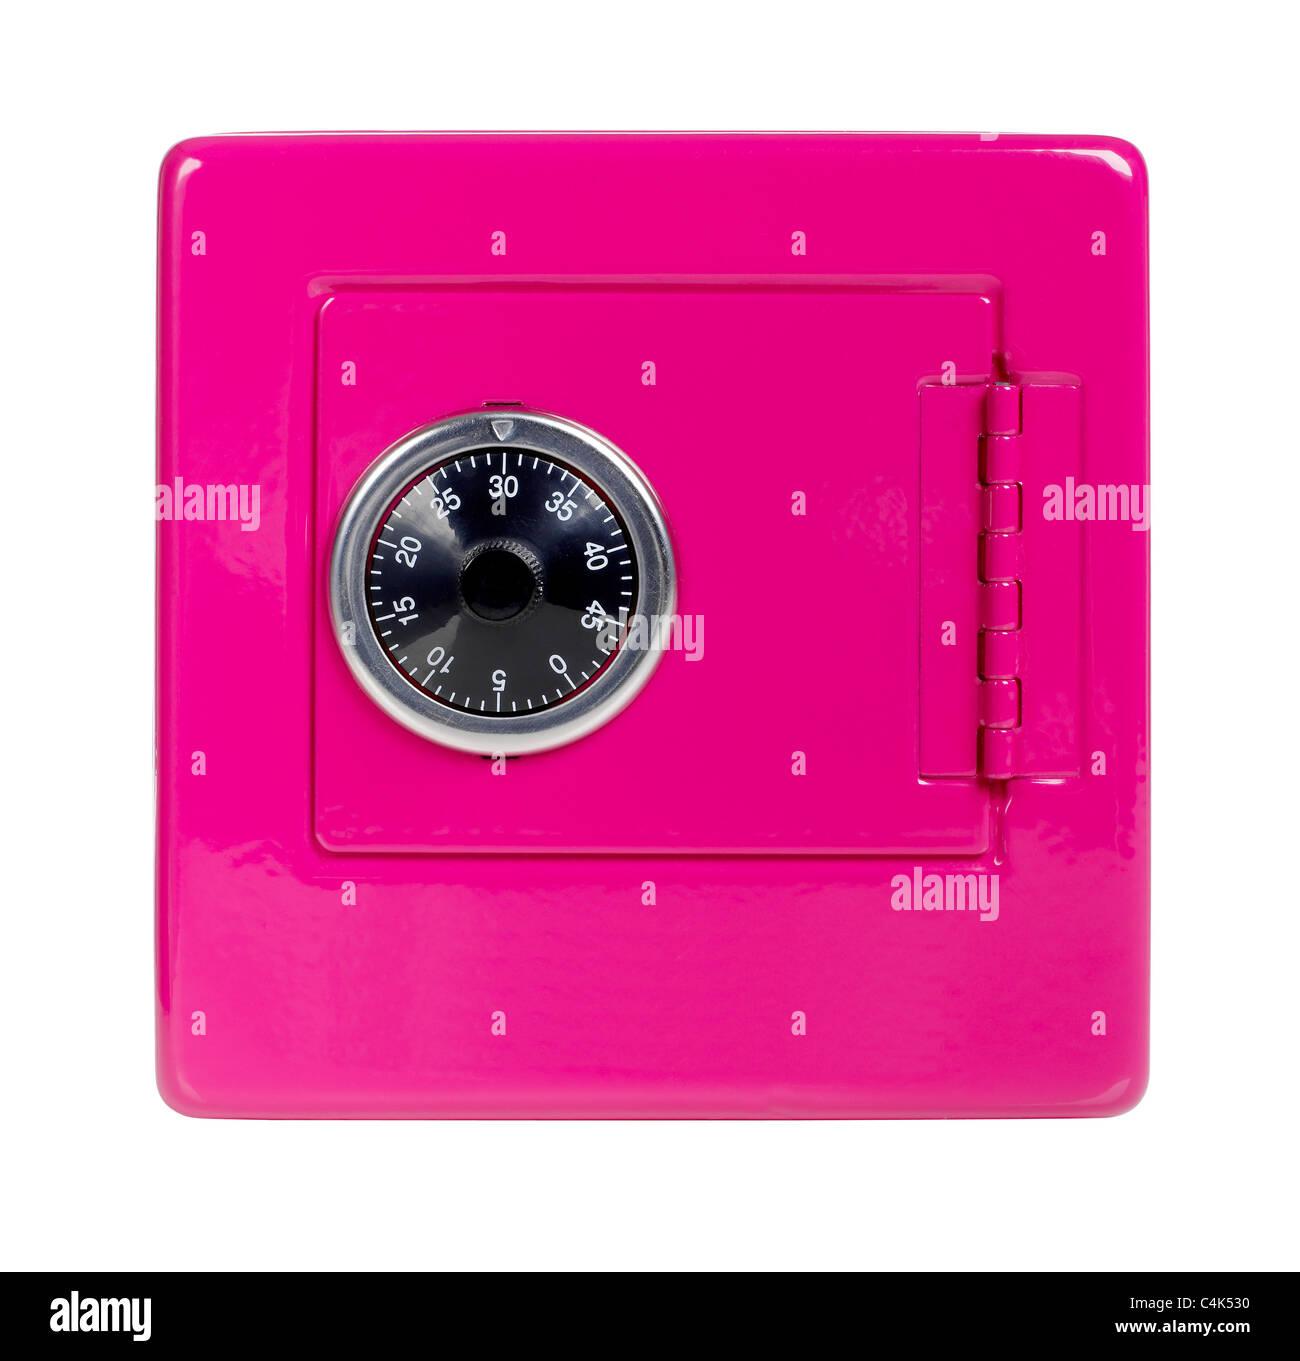 Salvadanaio cassaforte rosa Immagini Stock